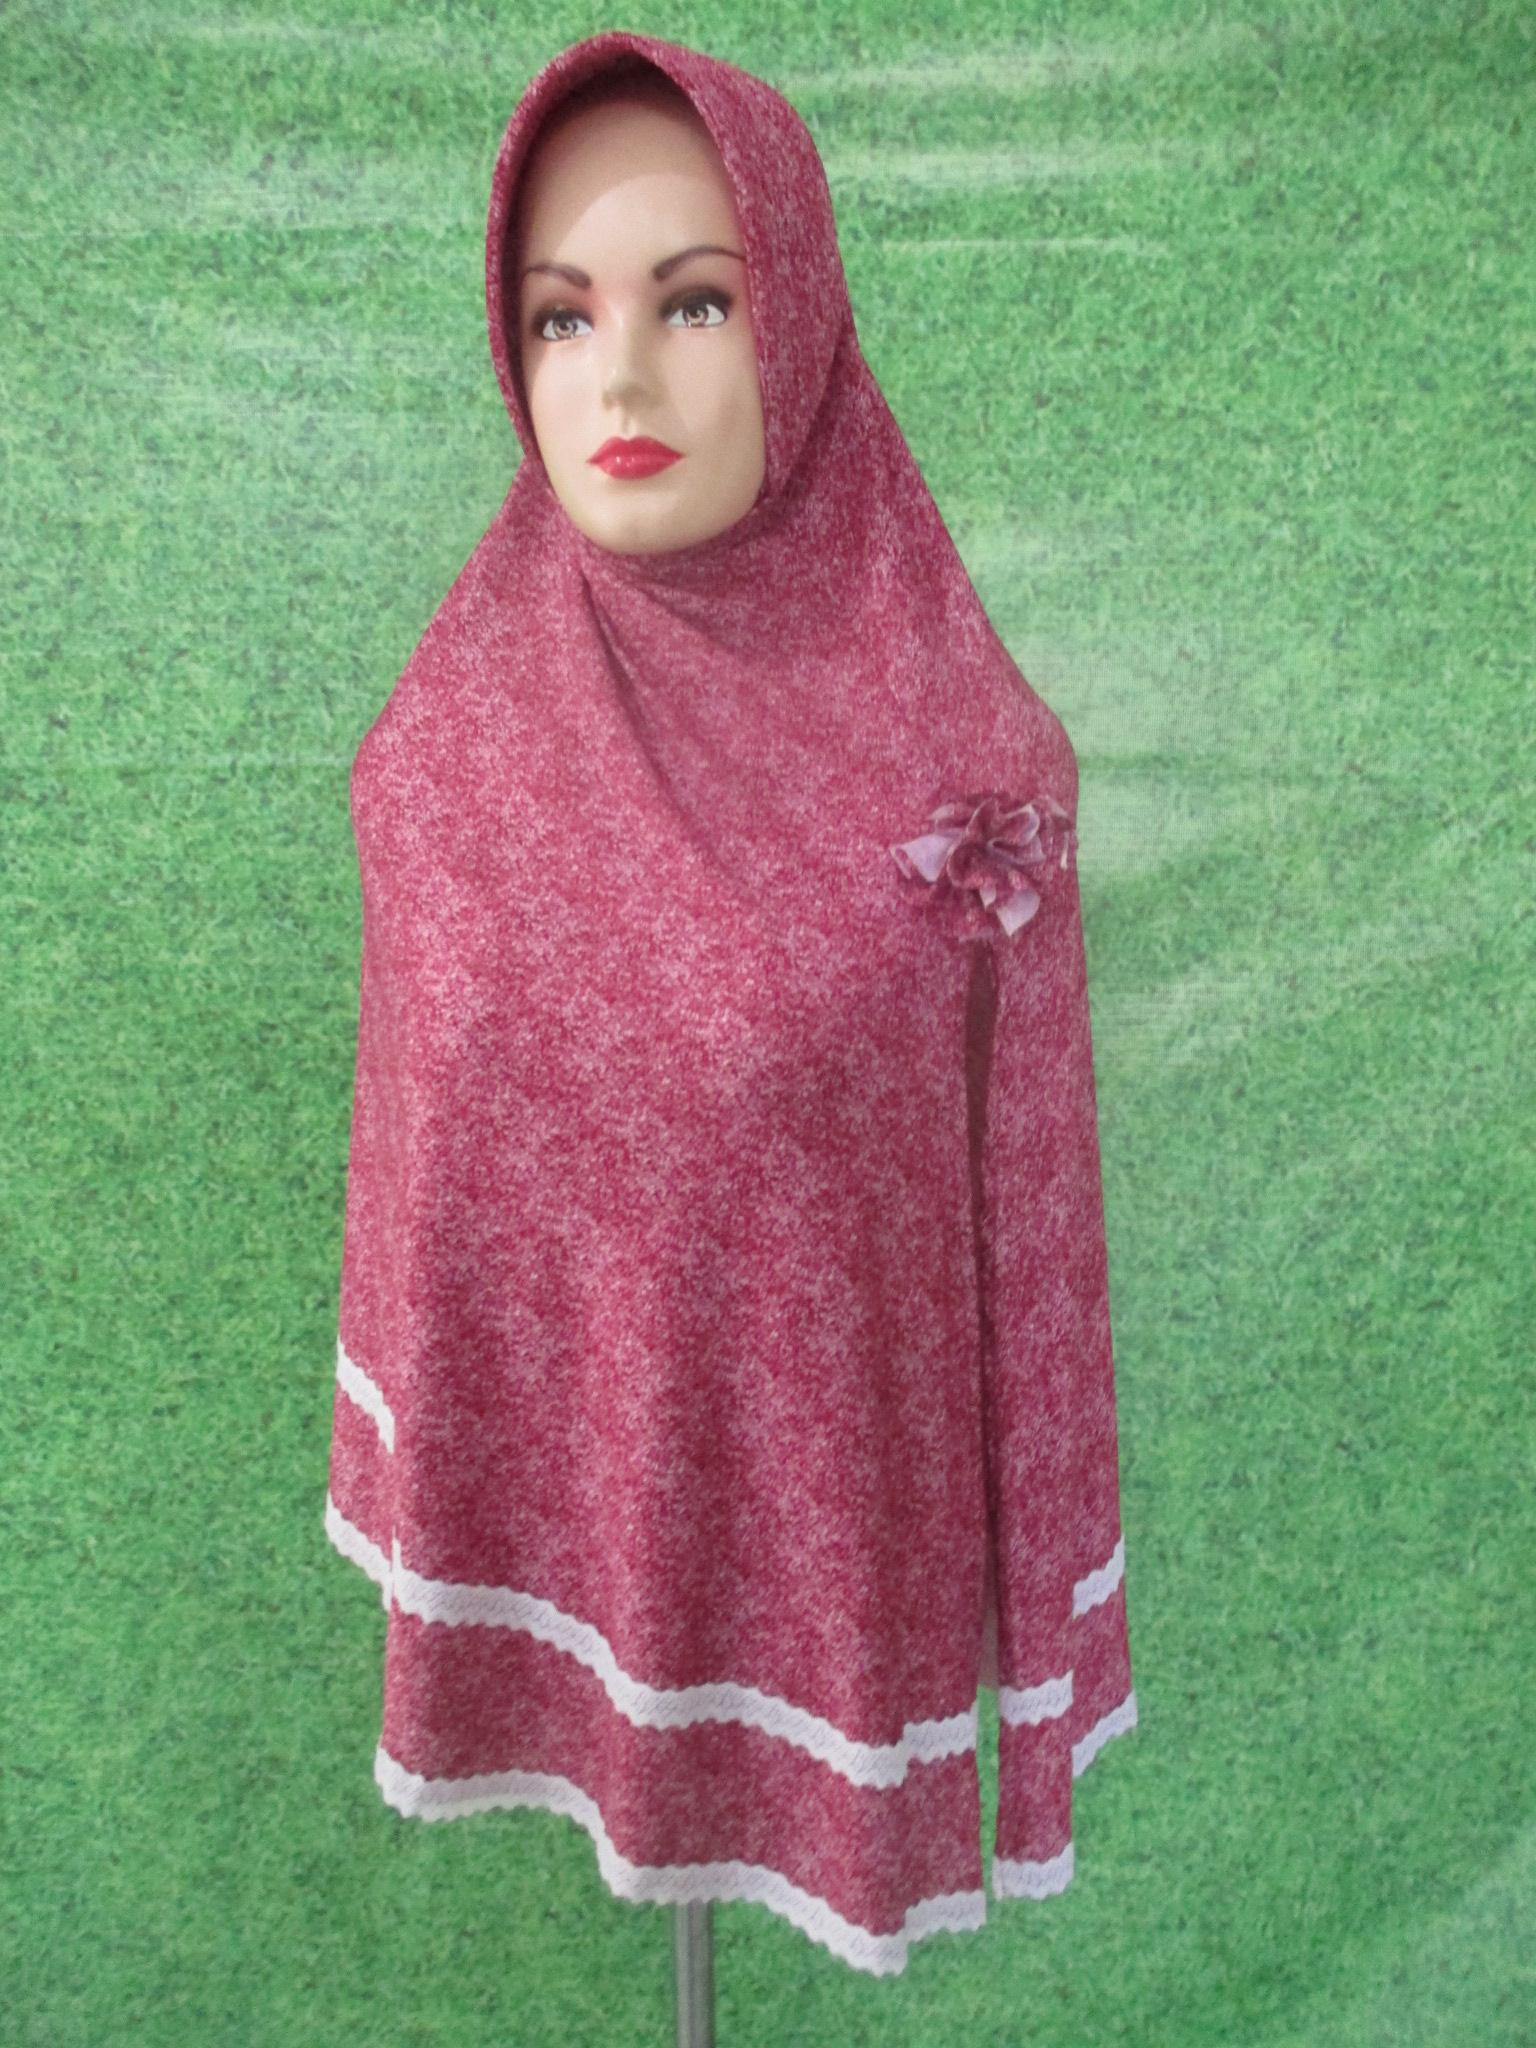 grosir-jilbab-murah-bandung